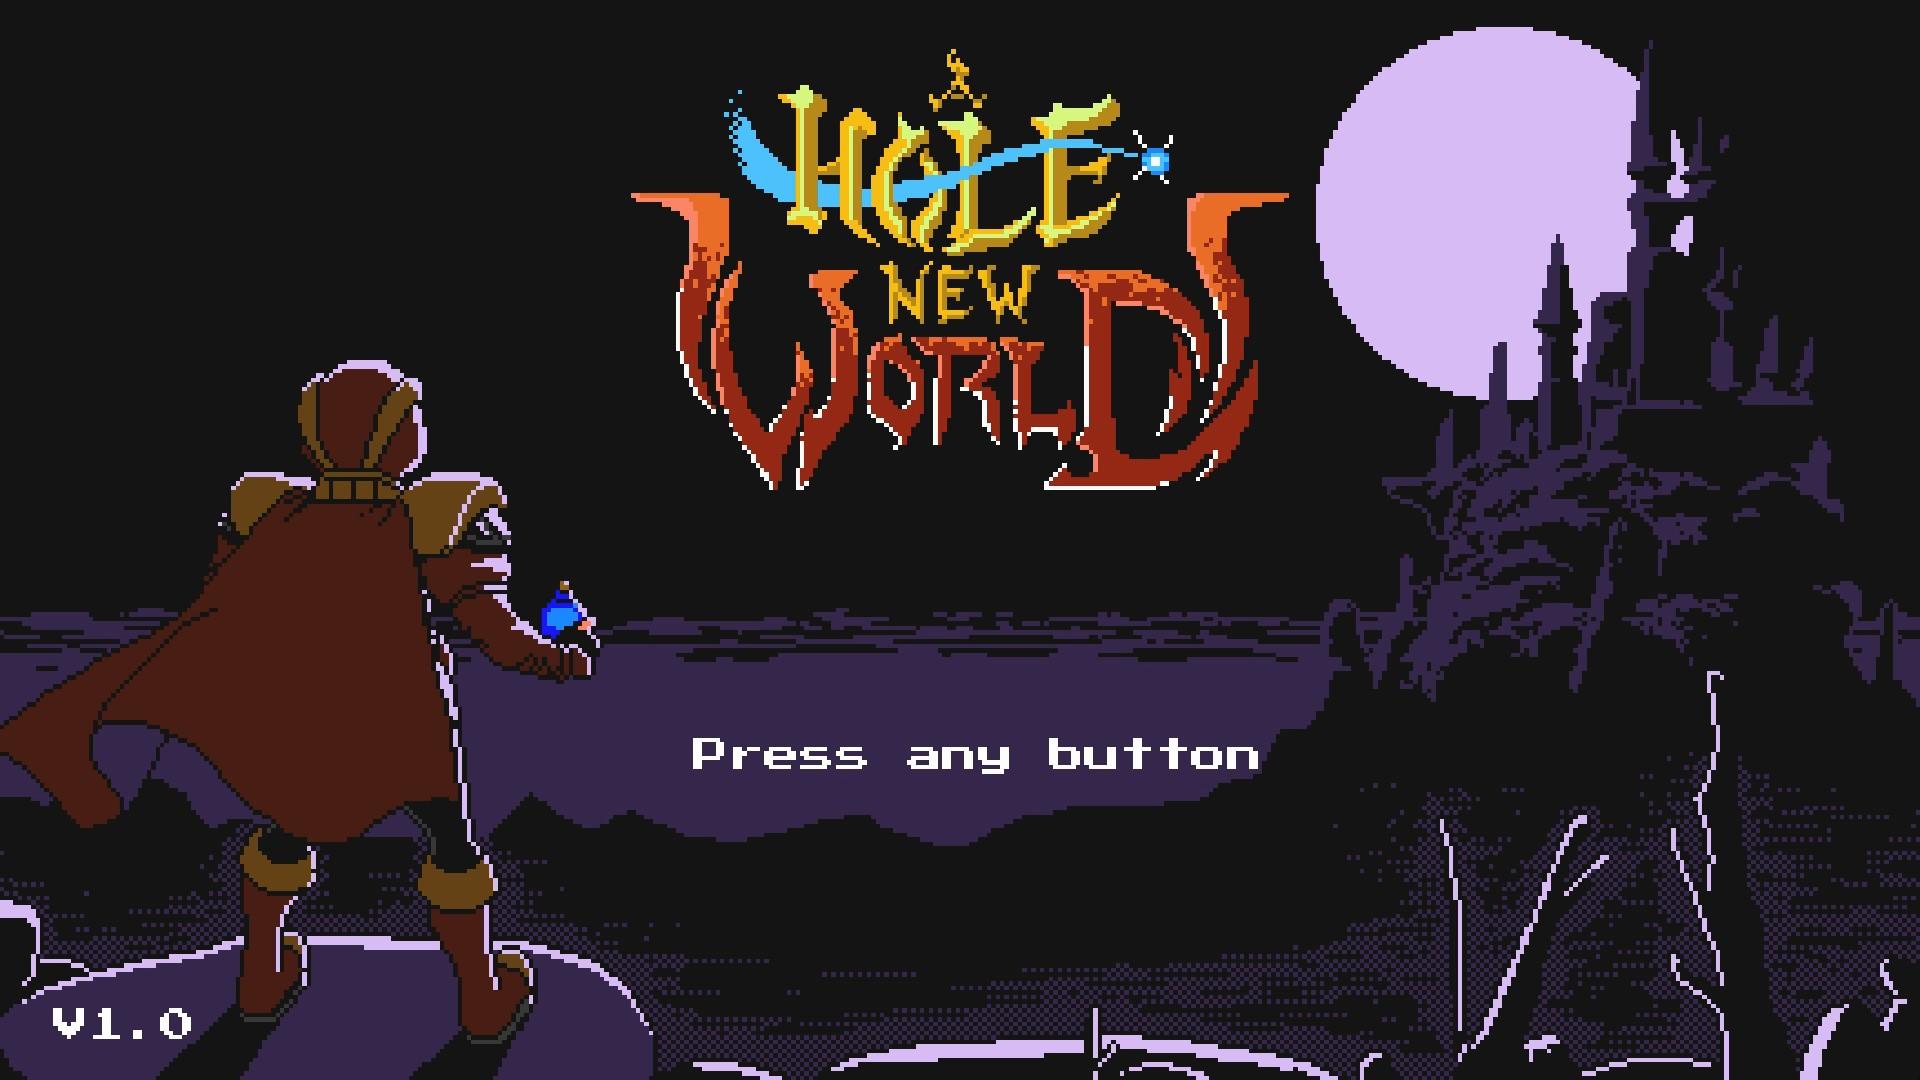 全新的世界 游戏截图